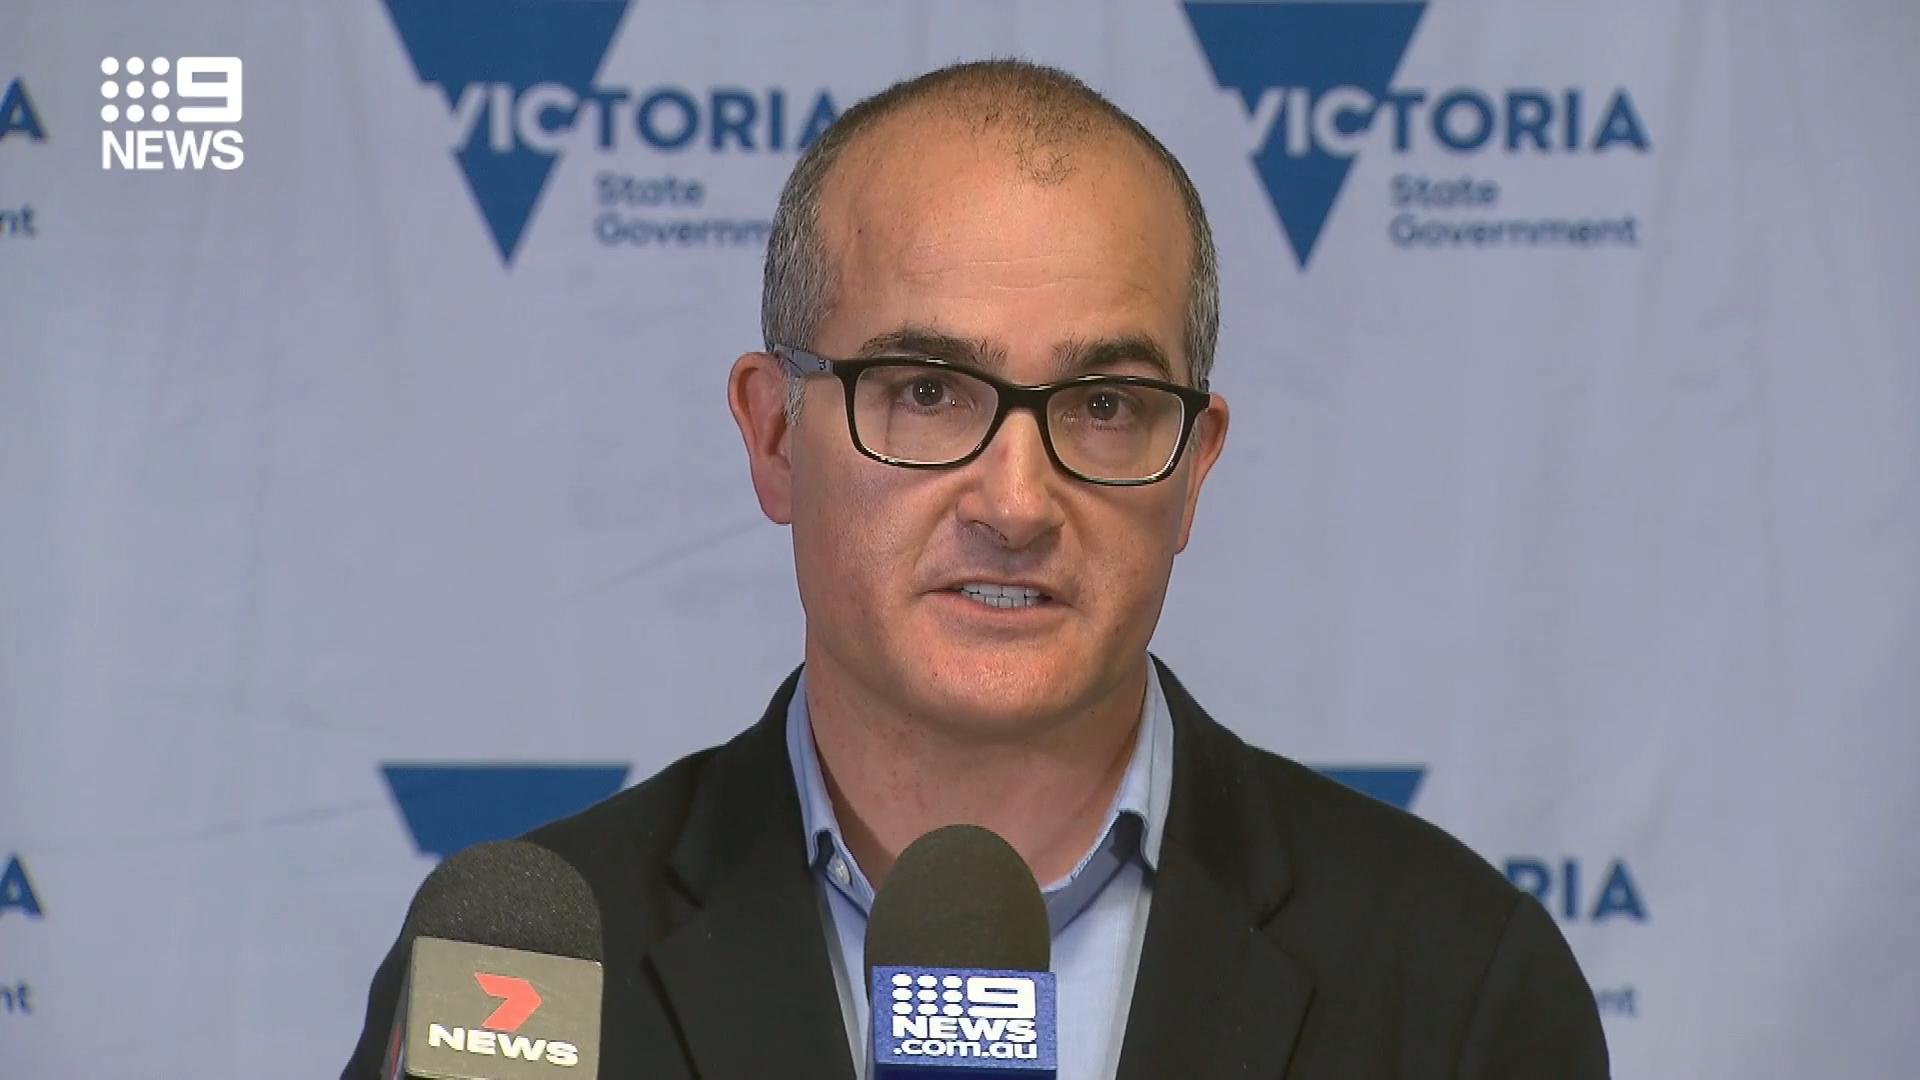 Victoria records one new locally acquired case overnight